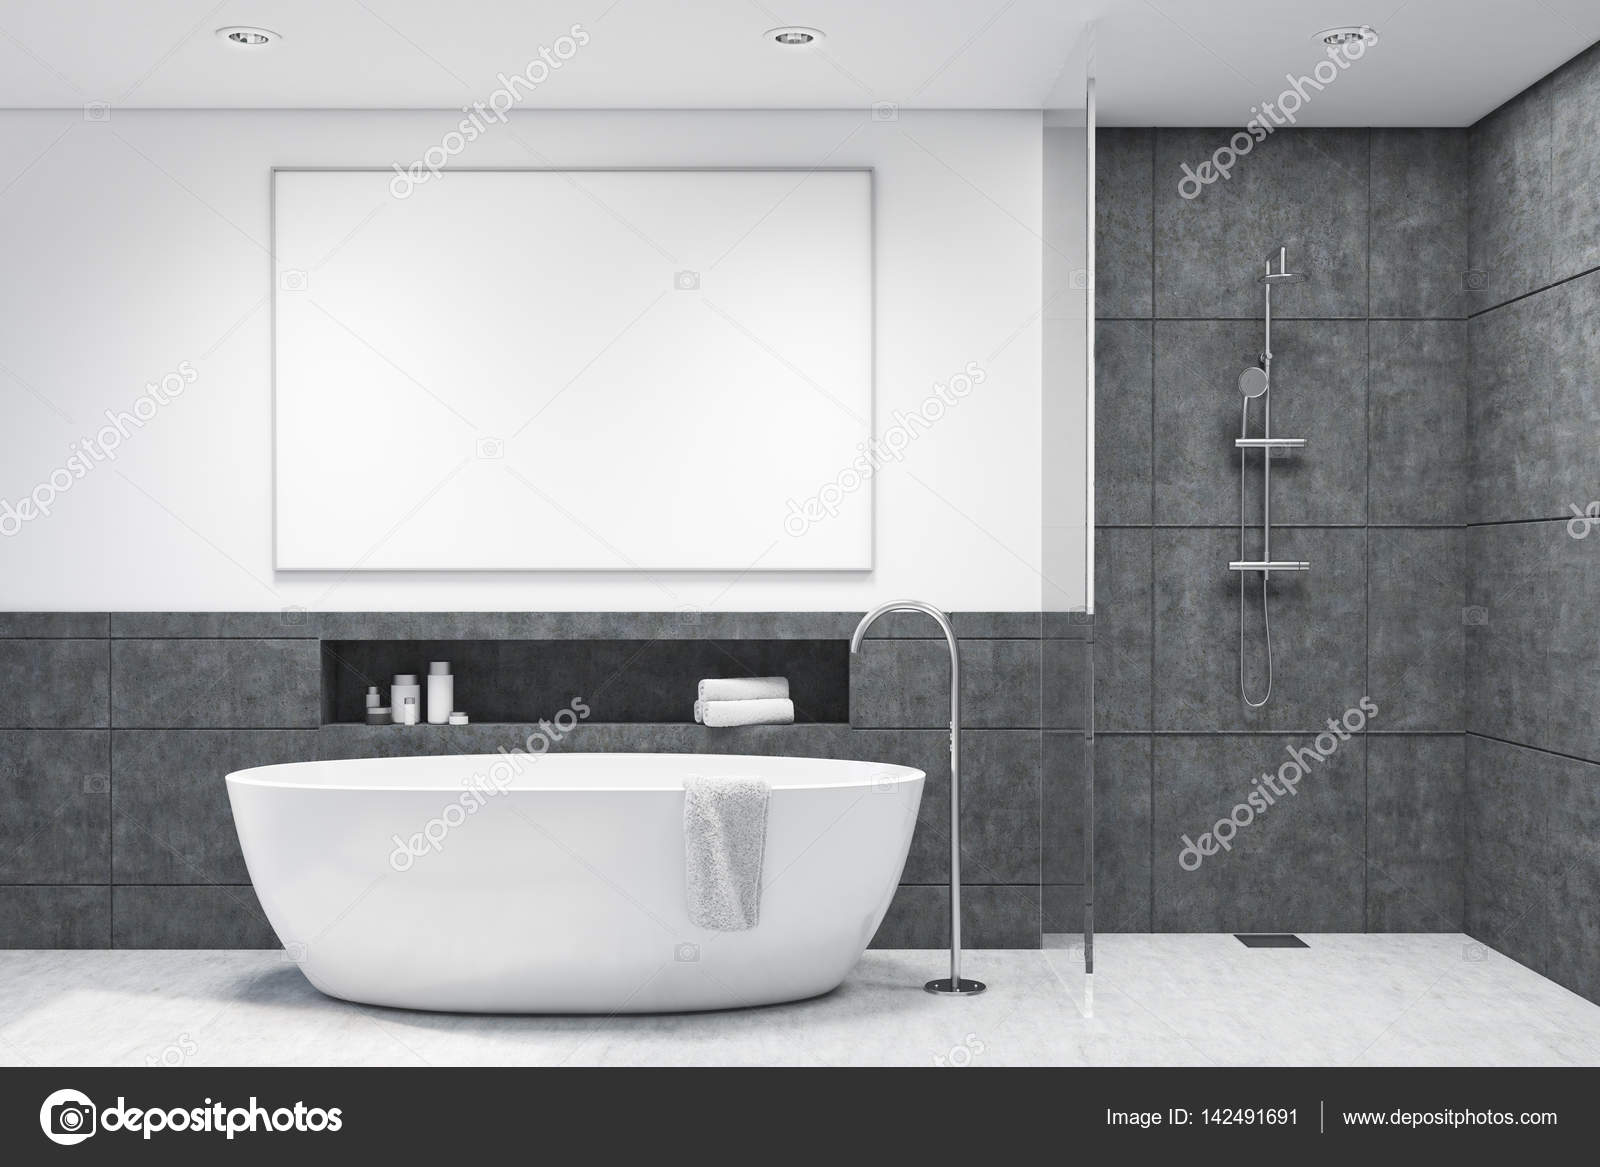 https://st3.depositphotos.com/2673929/14249/i/1600/depositphotos_142491691-stockafbeelding-badkamer-met-donkere-grijze-tegels.jpg